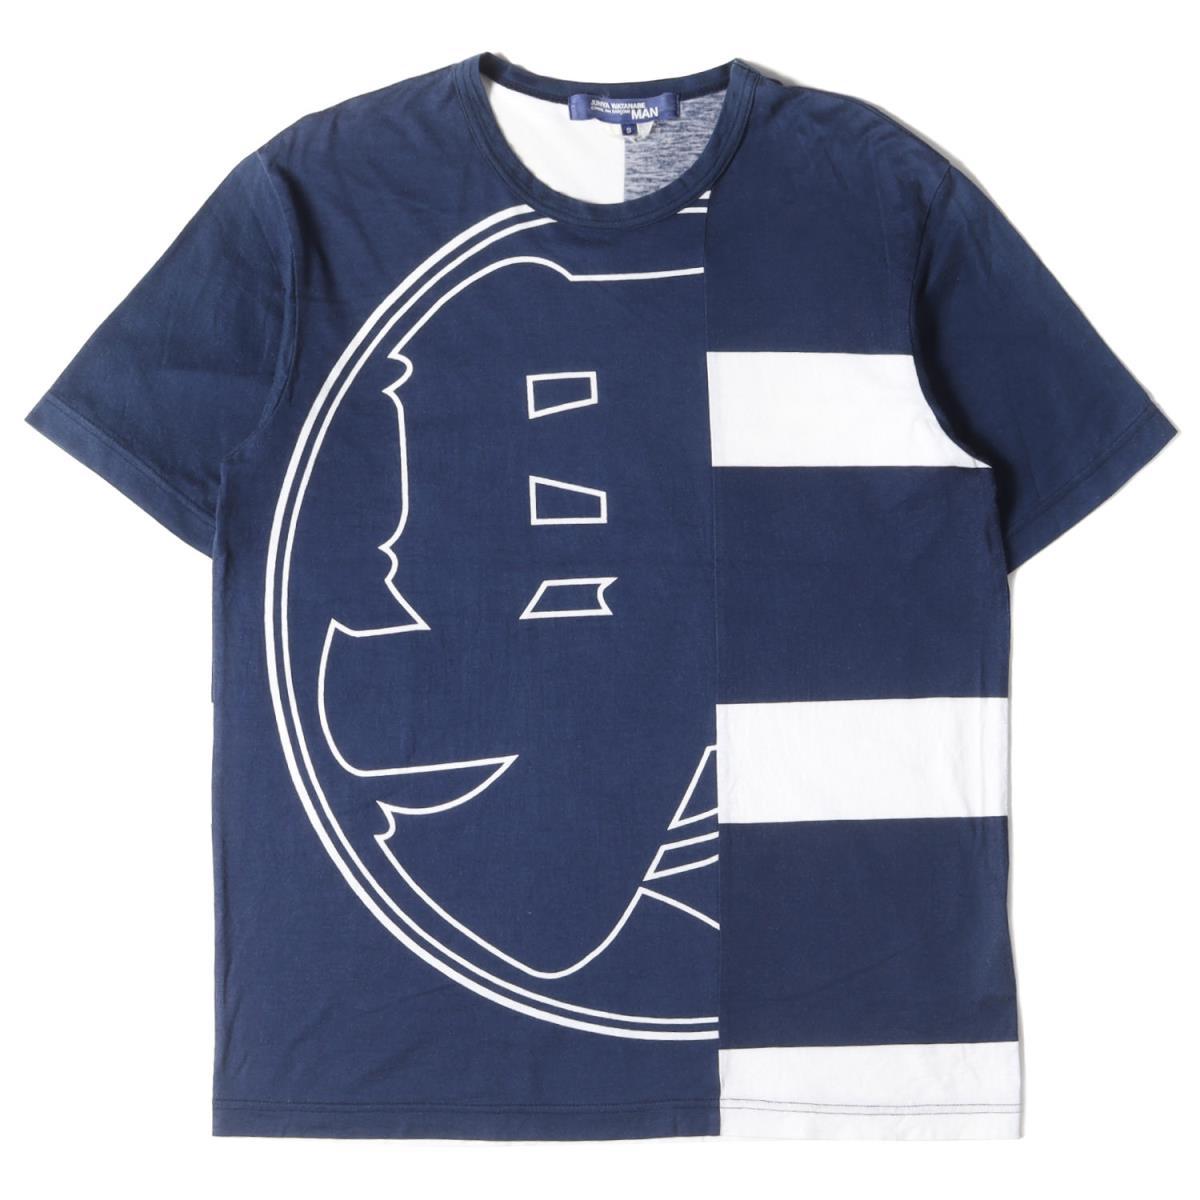 トップス, Tシャツ・カットソー JUNYA WATANABE MAN COMME des GARCONS T T AD2014 S K3120